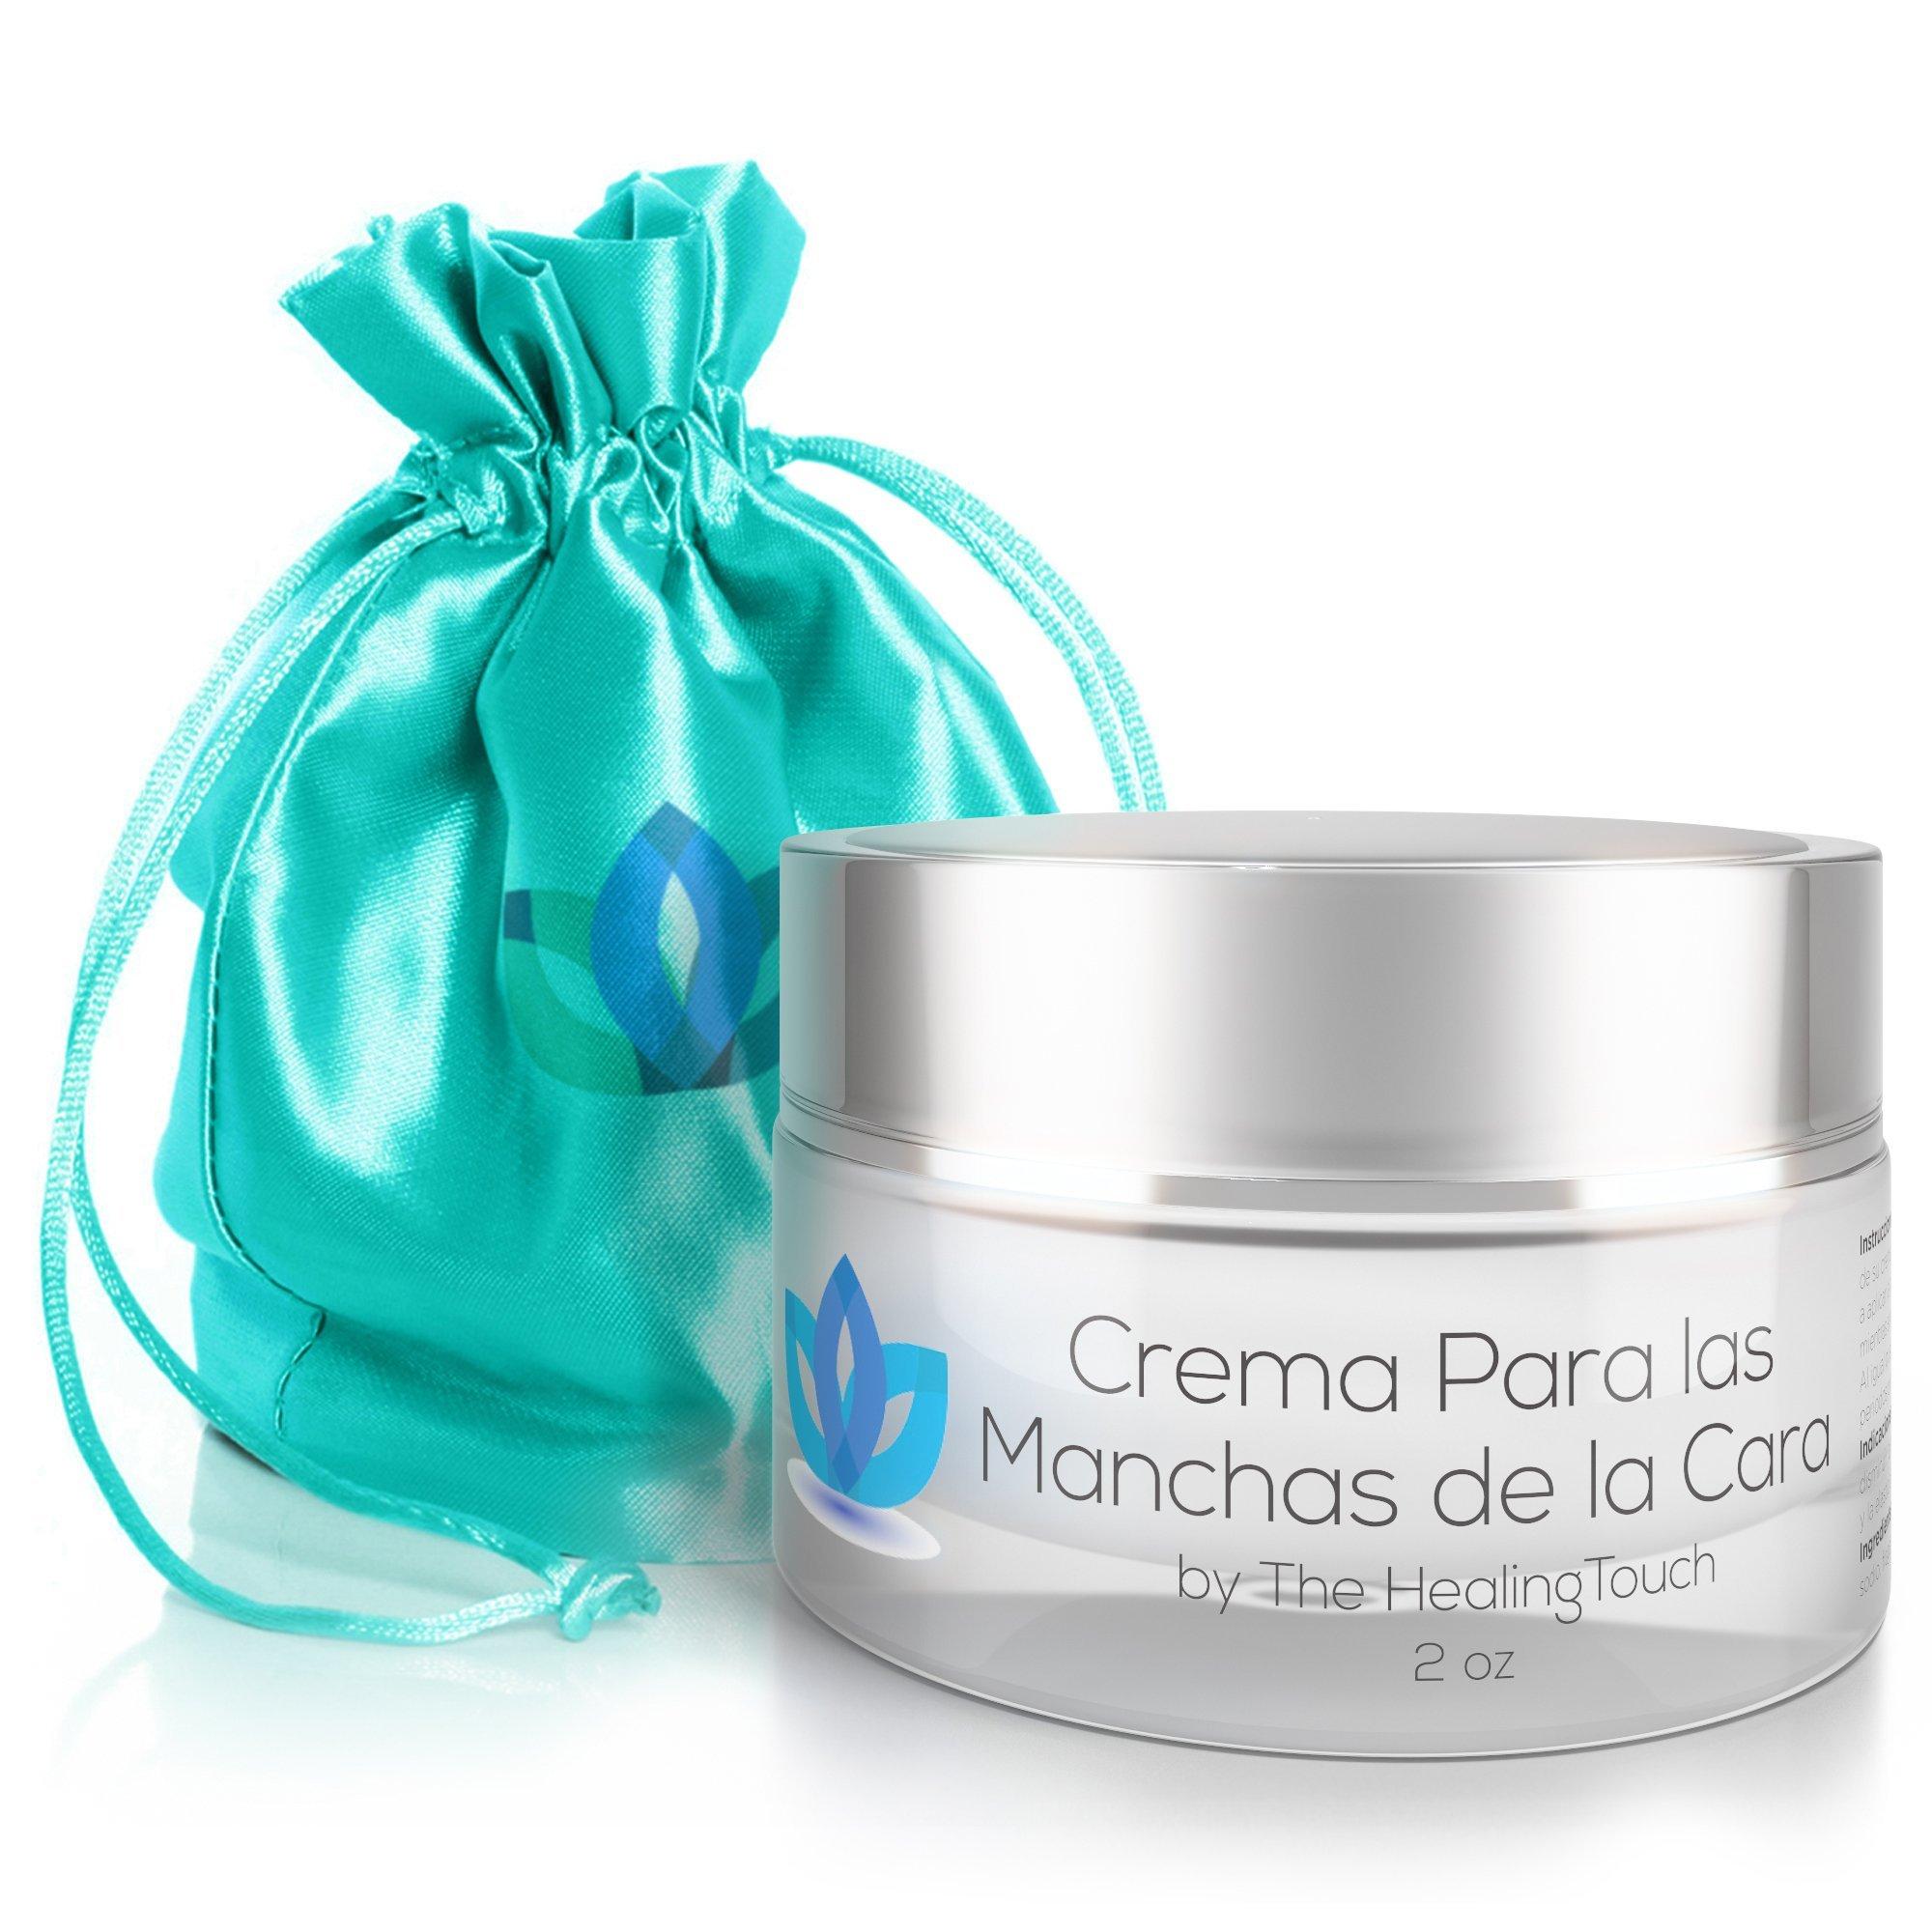 Crema Para Las Manchas de La Cara: Elimina las Manchas Obscuras del Acne, el